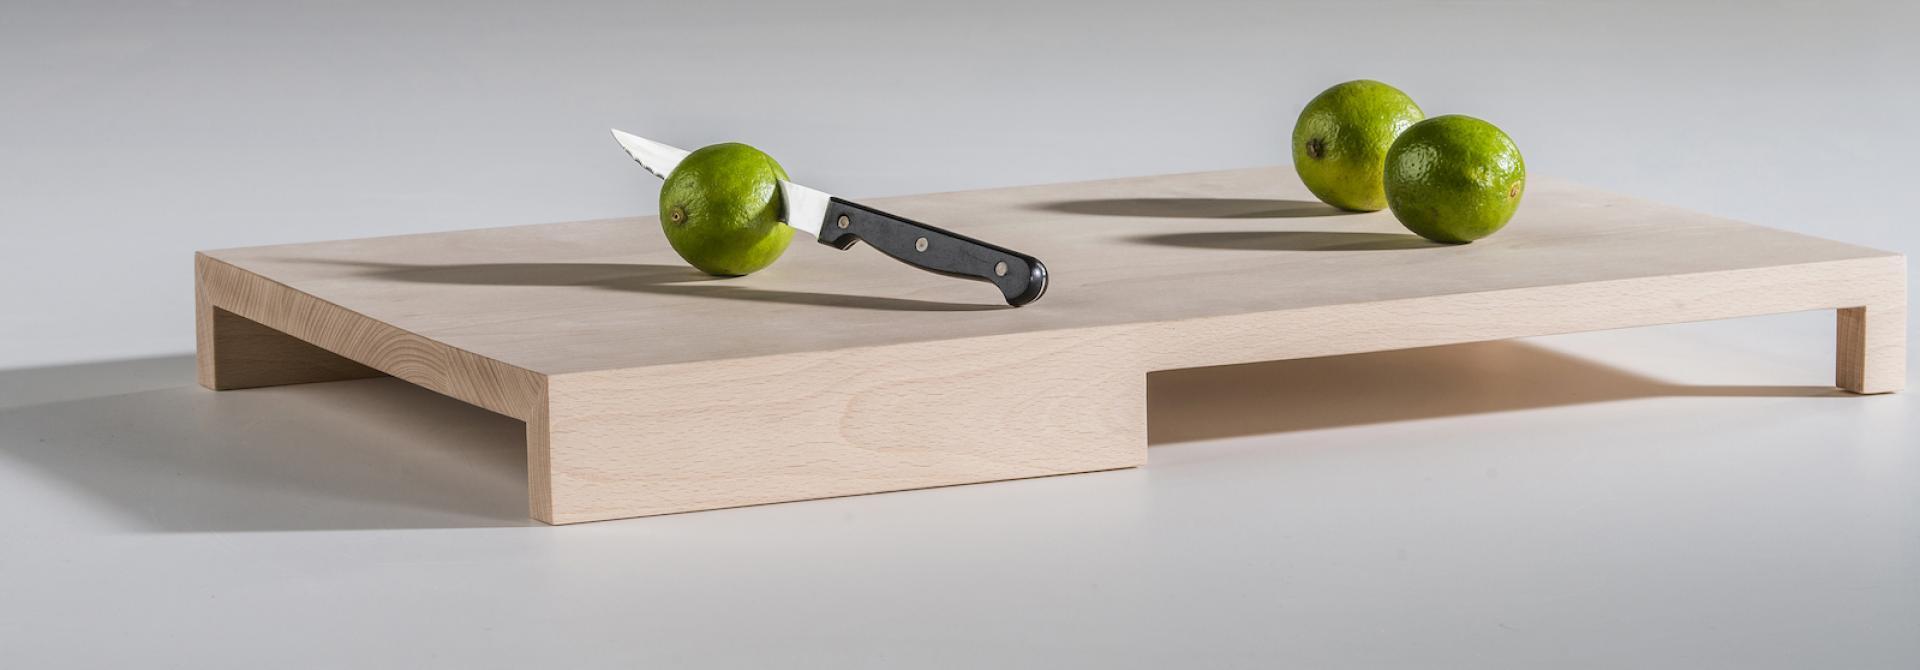 Planche de découpe bois